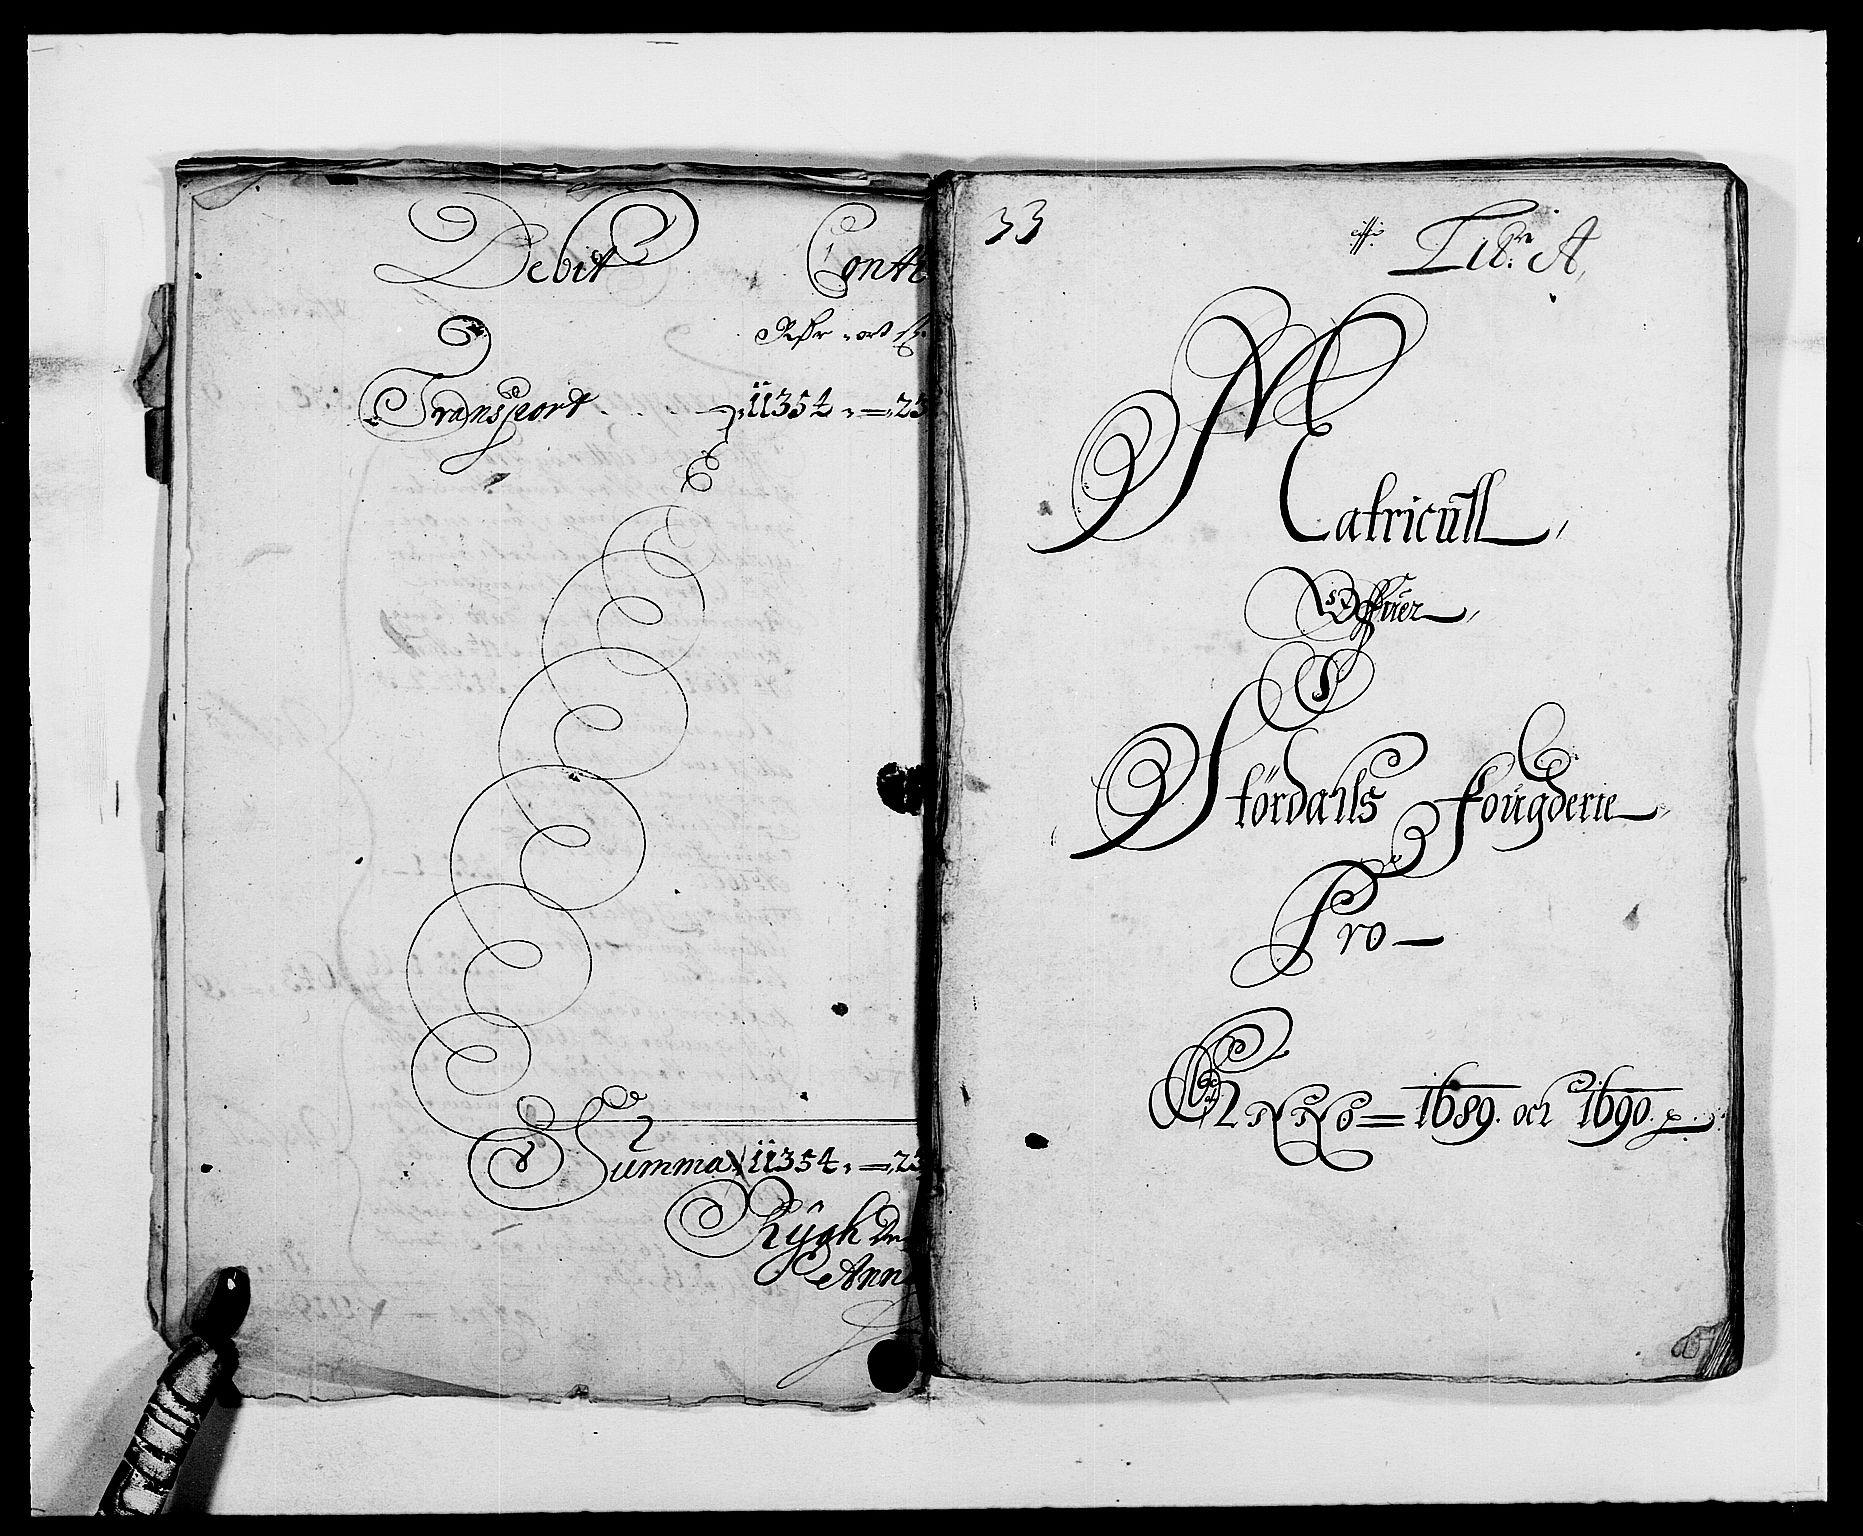 RA, Rentekammeret inntil 1814, Reviderte regnskaper, Fogderegnskap, R62/L4184: Fogderegnskap Stjørdal og Verdal, 1690-1691, s. 11